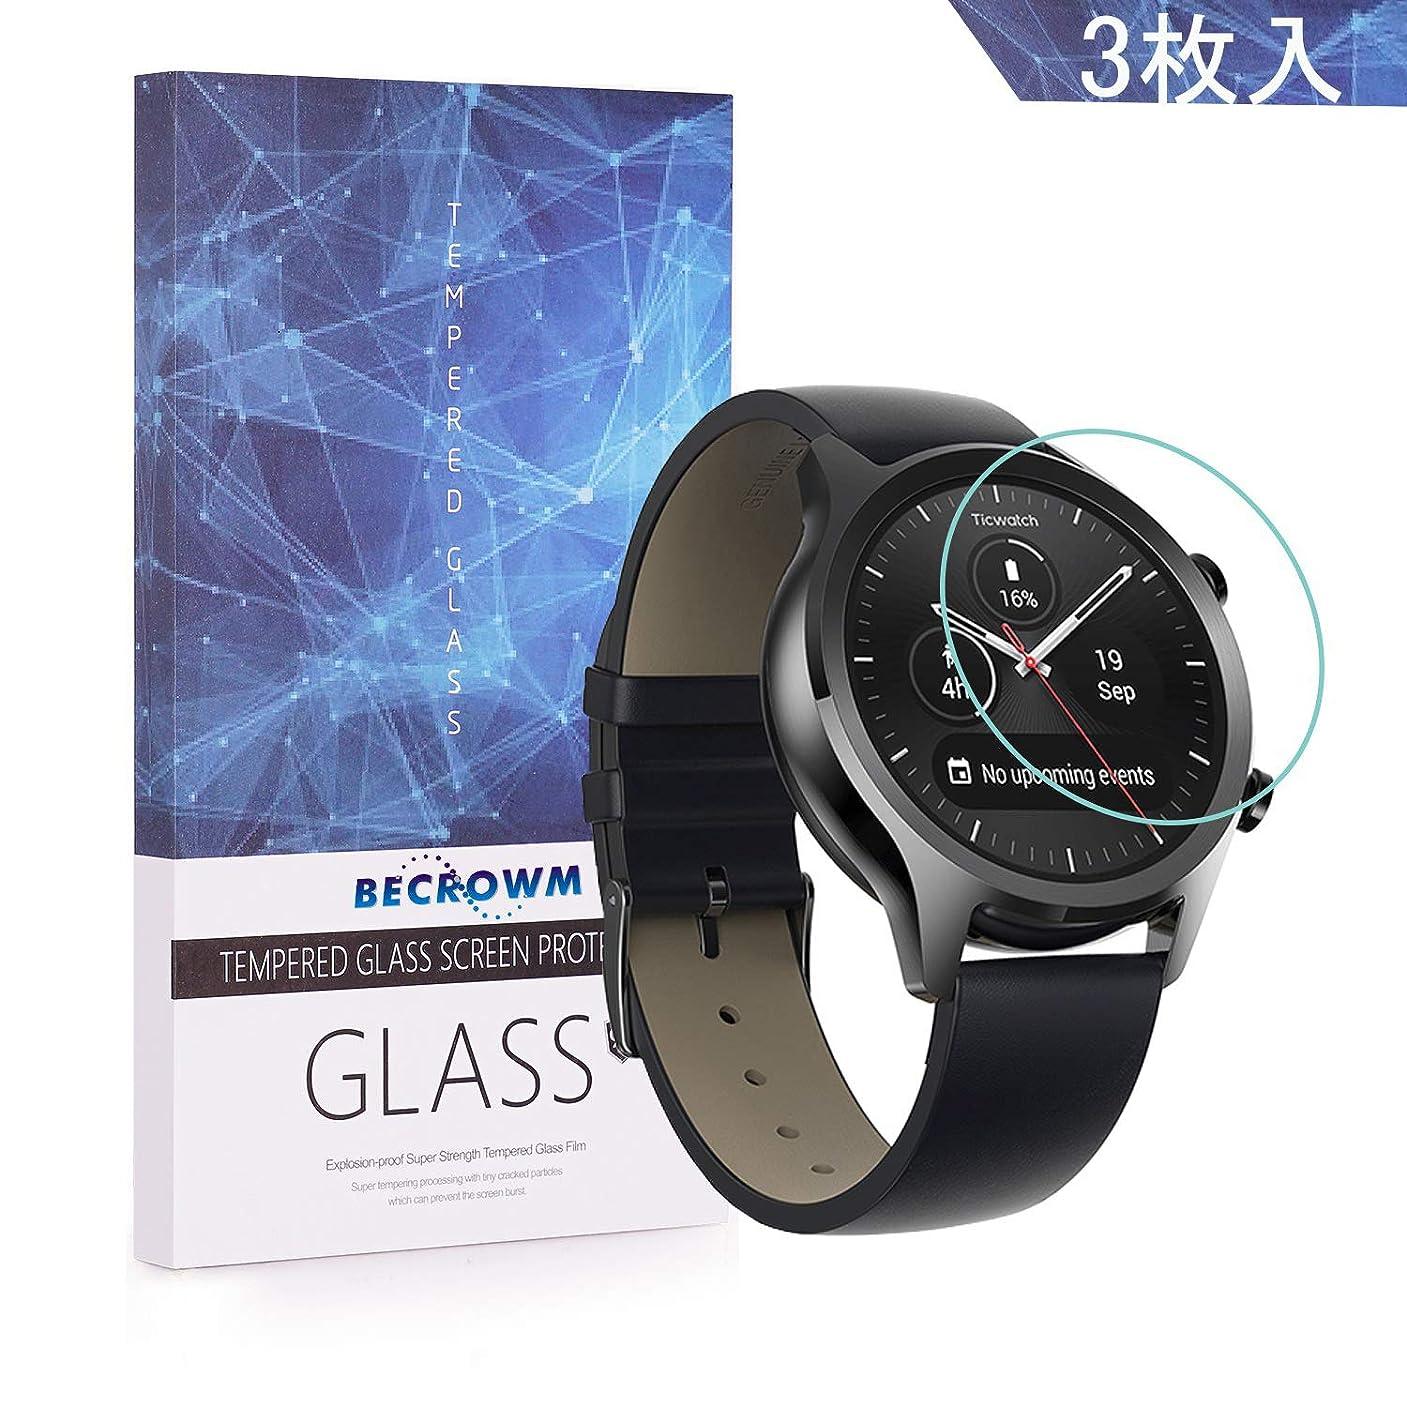 取り扱い適切に剪断Becrowm Ticwatch C2 ガラスフィルム 液晶保護フィルム 高透過率 薄型 硬度9H 飛散防止処理 耐久性 防指紋 3枚入り